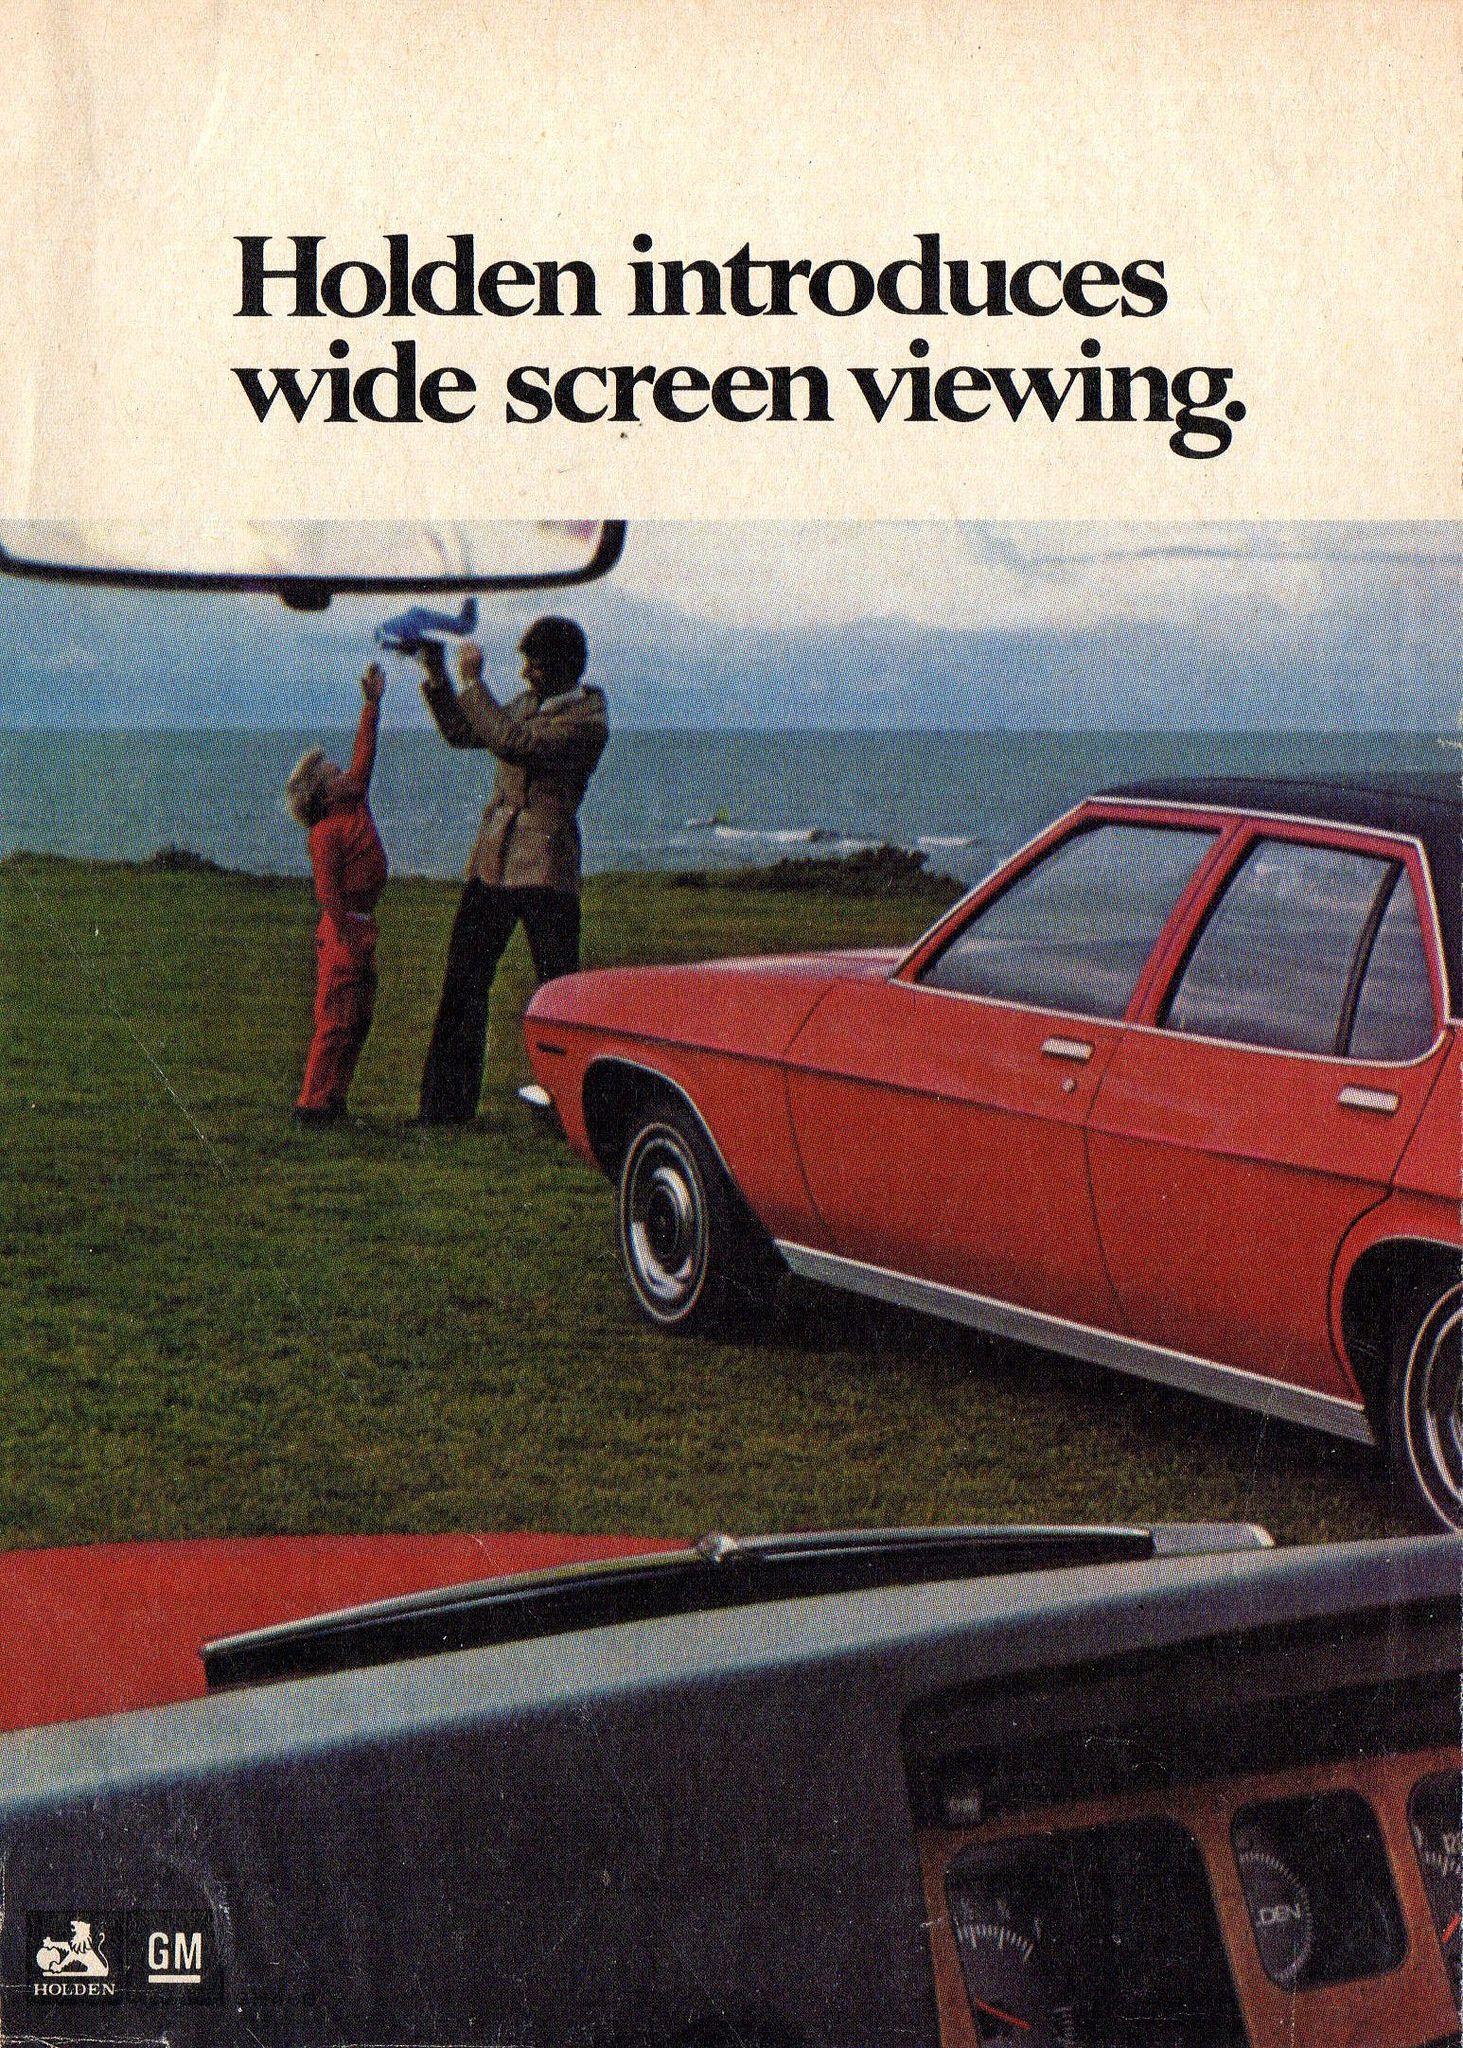 1972 Hq Holden Premier Sedan Page 1 Aussie Original Magazine Advertisement Holden Premier Hq Holden Holden Australia [ 2048 x 1463 Pixel ]